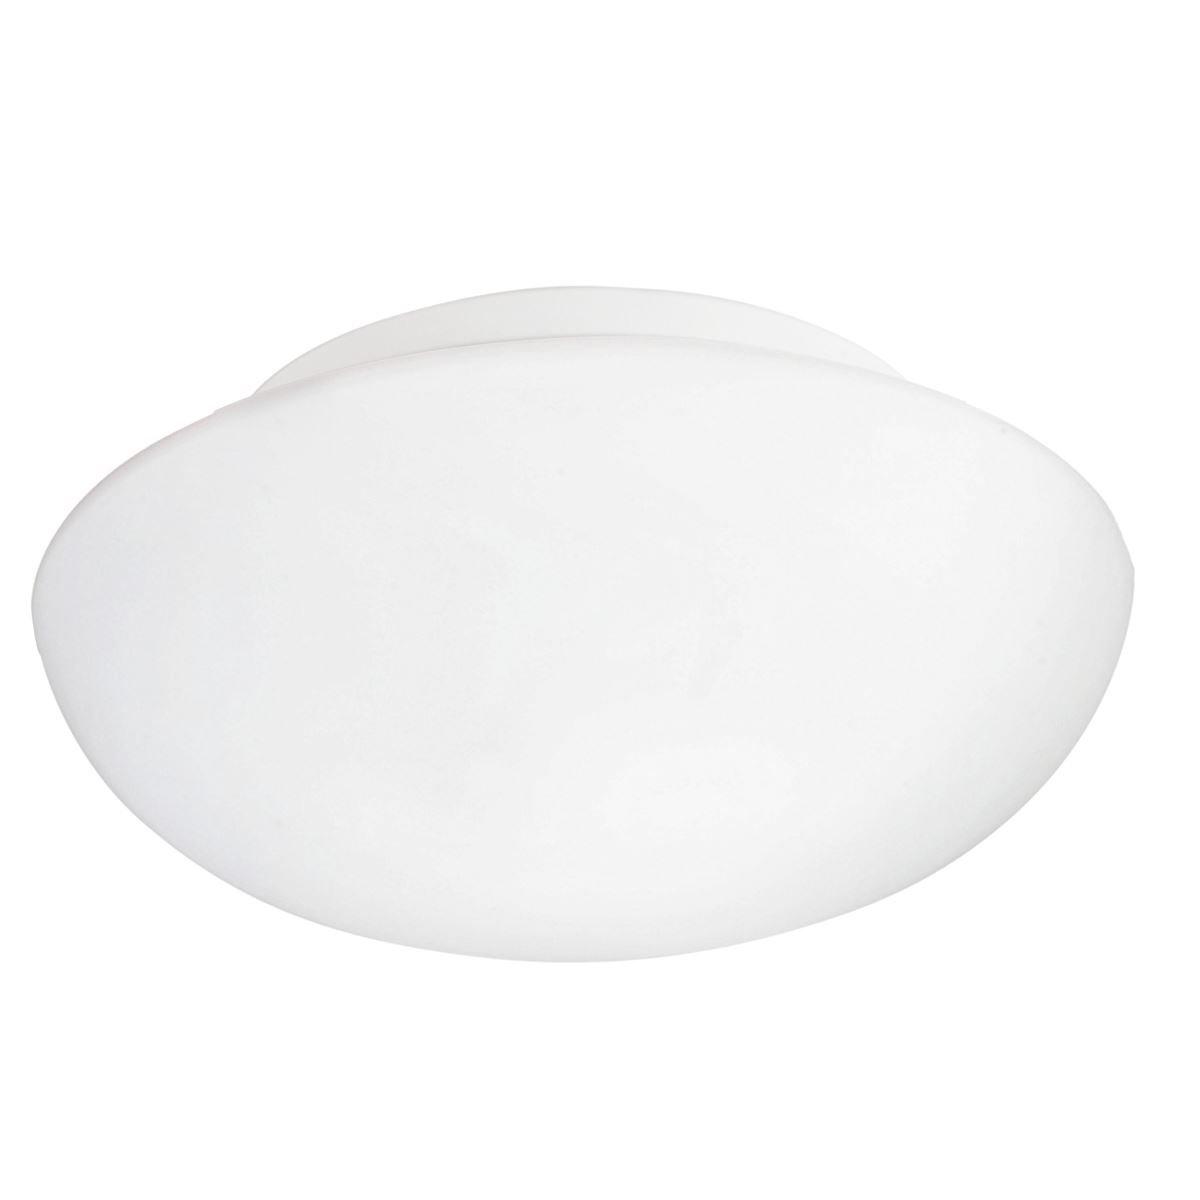 Eglo 83404 E27 Bianco illuminazione da soffitto